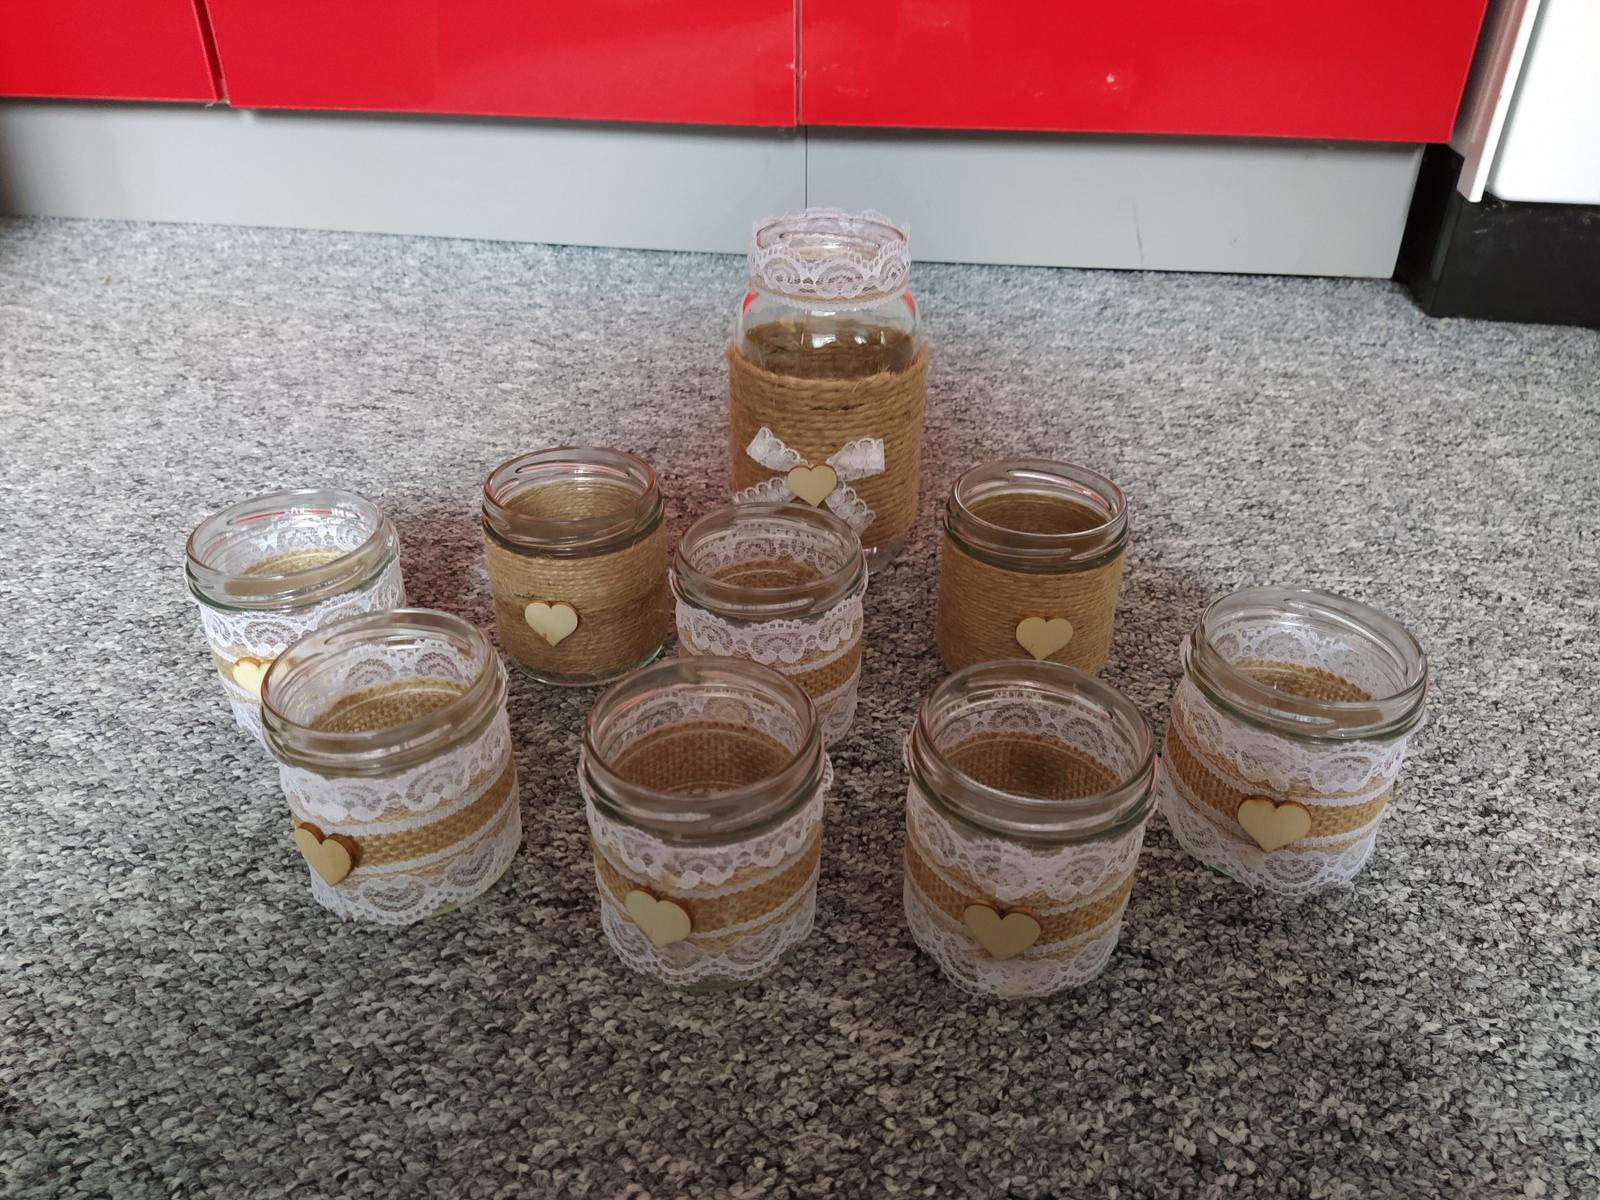 Svicinky na čajové svíčky - Obrázek č. 1